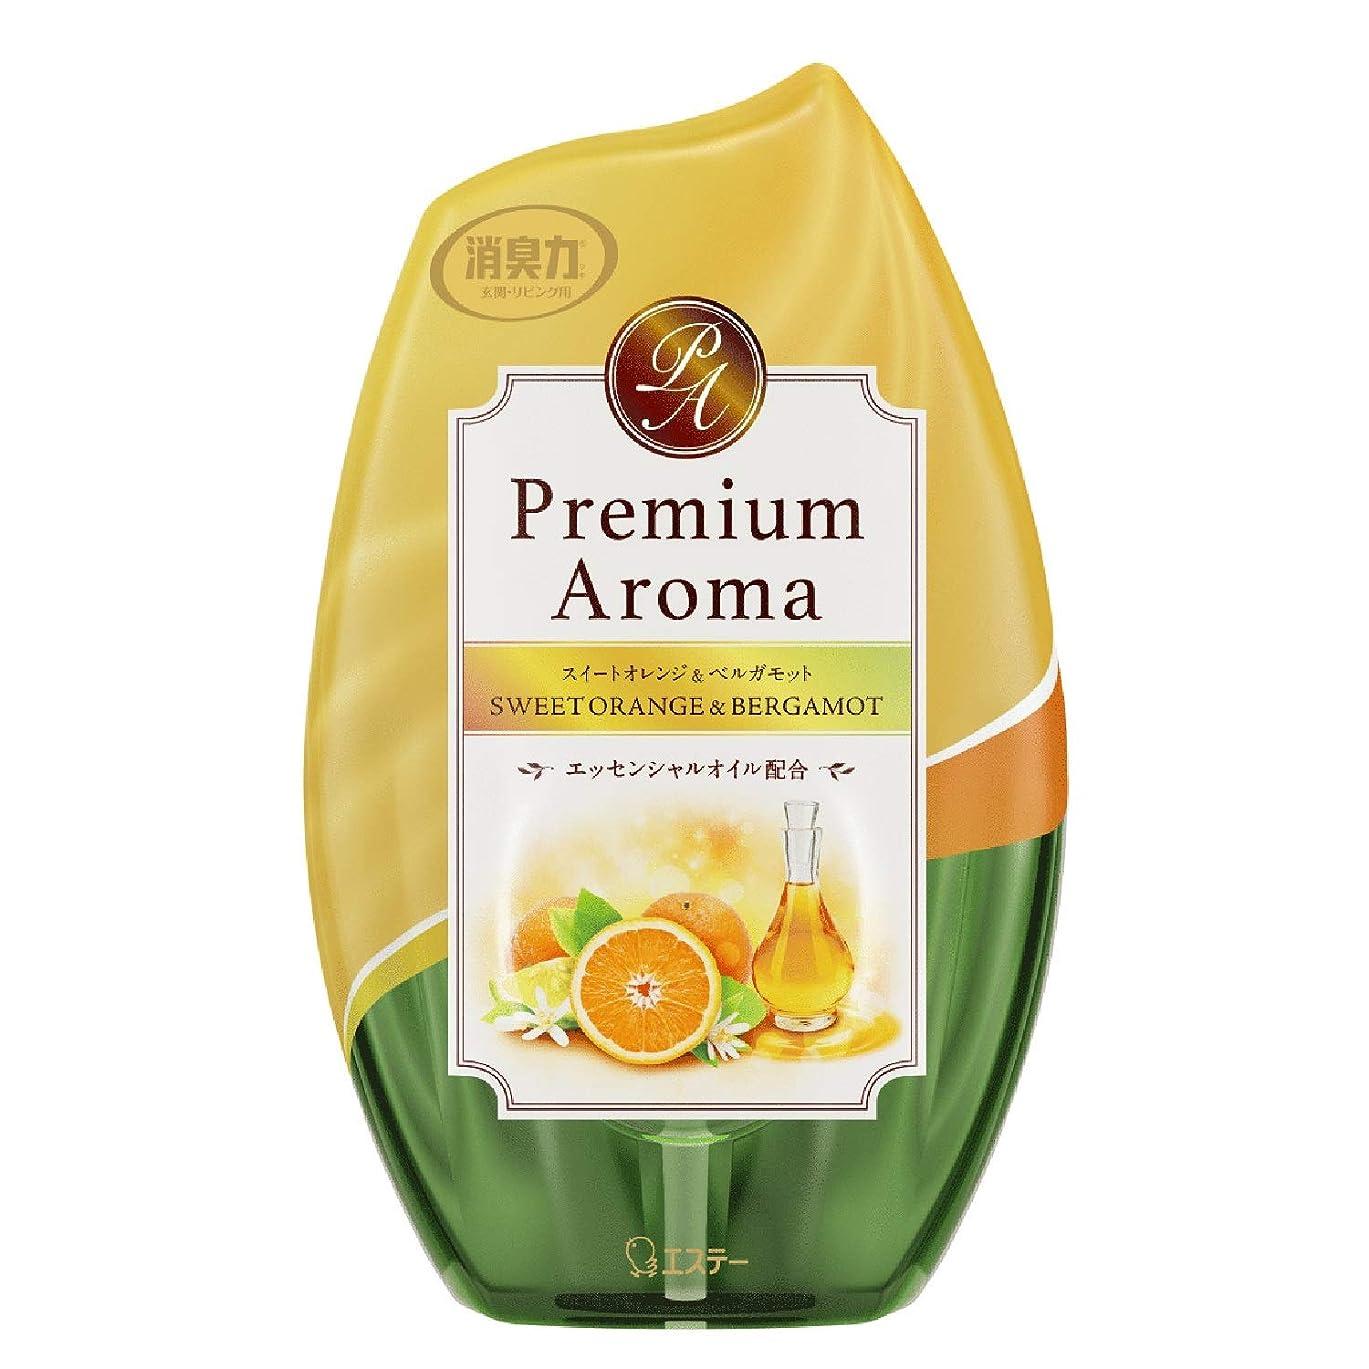 読みやすさこどもの宮殿遠いお部屋の消臭力 プレミアムアロマ Premium Aroma 消臭芳香剤 部屋用 部屋 スイートオレンジ&ベルガモットの香り 400ml